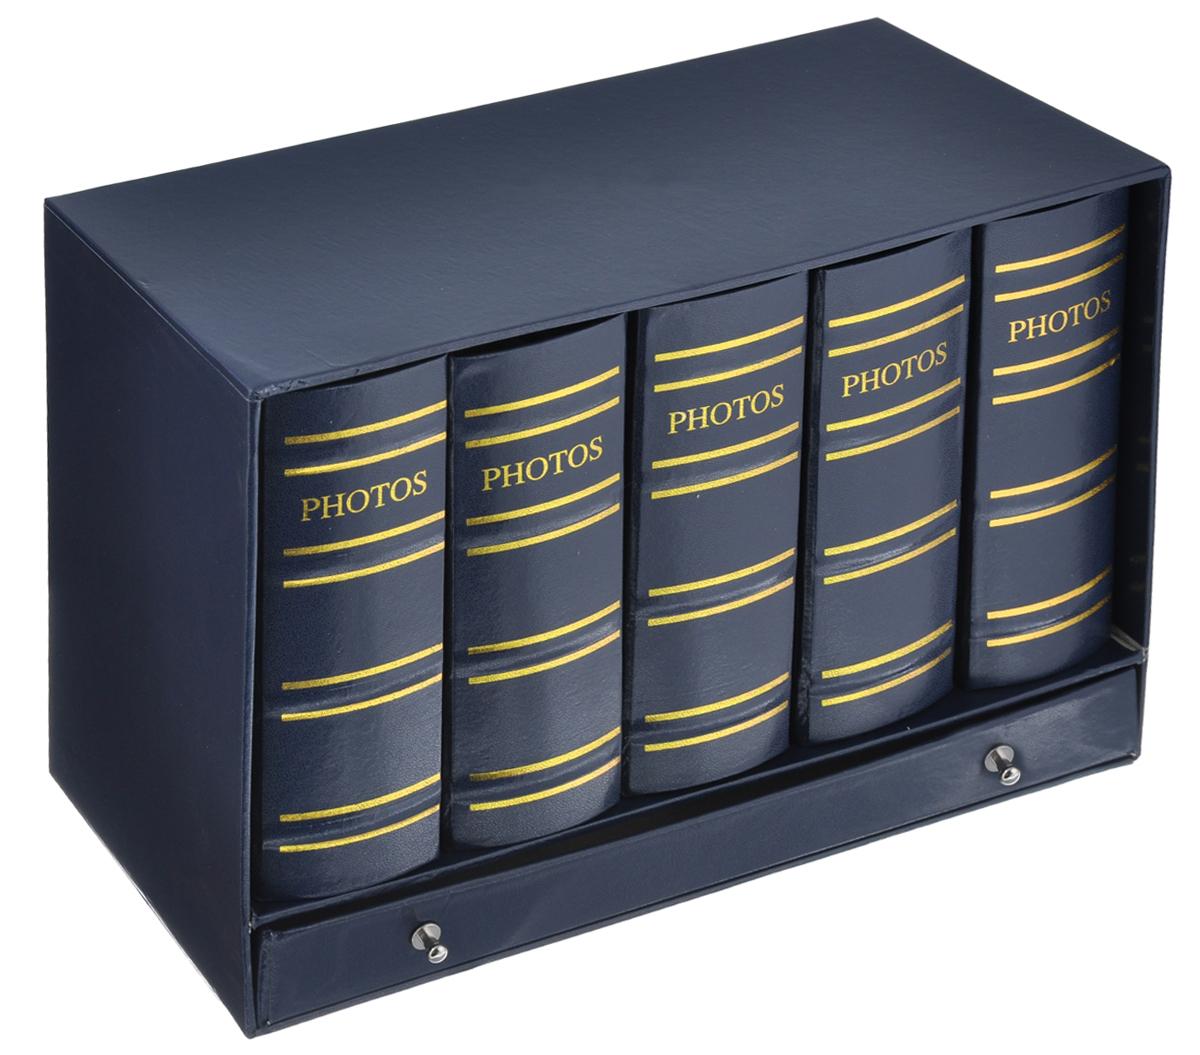 Набор фотоальбомов Image Art Библиотека, 100 фотографий, 10 х 15 см, 5 шт15773 PR foitНабор Image Art Библиотека, состоящий из пяти фотоальбомов, поможет красиво оформить вашифотографии. Обложки фотоальбомов выполнены из толстого картона, обтянутого искусственнойкожей. Внутри содержится блок из 50 листов с фиксаторами-окошкамииз ПВХ. Каждый альбом рассчитан на 100 фотографий формата 10 см х 15 см. Альбомы вставляются в подарочную коробку, оснащенную ящиком для хранения различных мелочей. Нам всегда так приятно вспоминать о самых счастливых моментах жизни, запечатленных нафотографиях. Поэтому фотоальбом является универсальным подарком к любому празднику.Количество альбомов: 5 шт. Количество листов в одном альбоме: 50 шт. Число мест для фотографий в одном альбоме: 100 шт. Размер фотоальбома: 12,5 см х 6 см х 16,5 см.